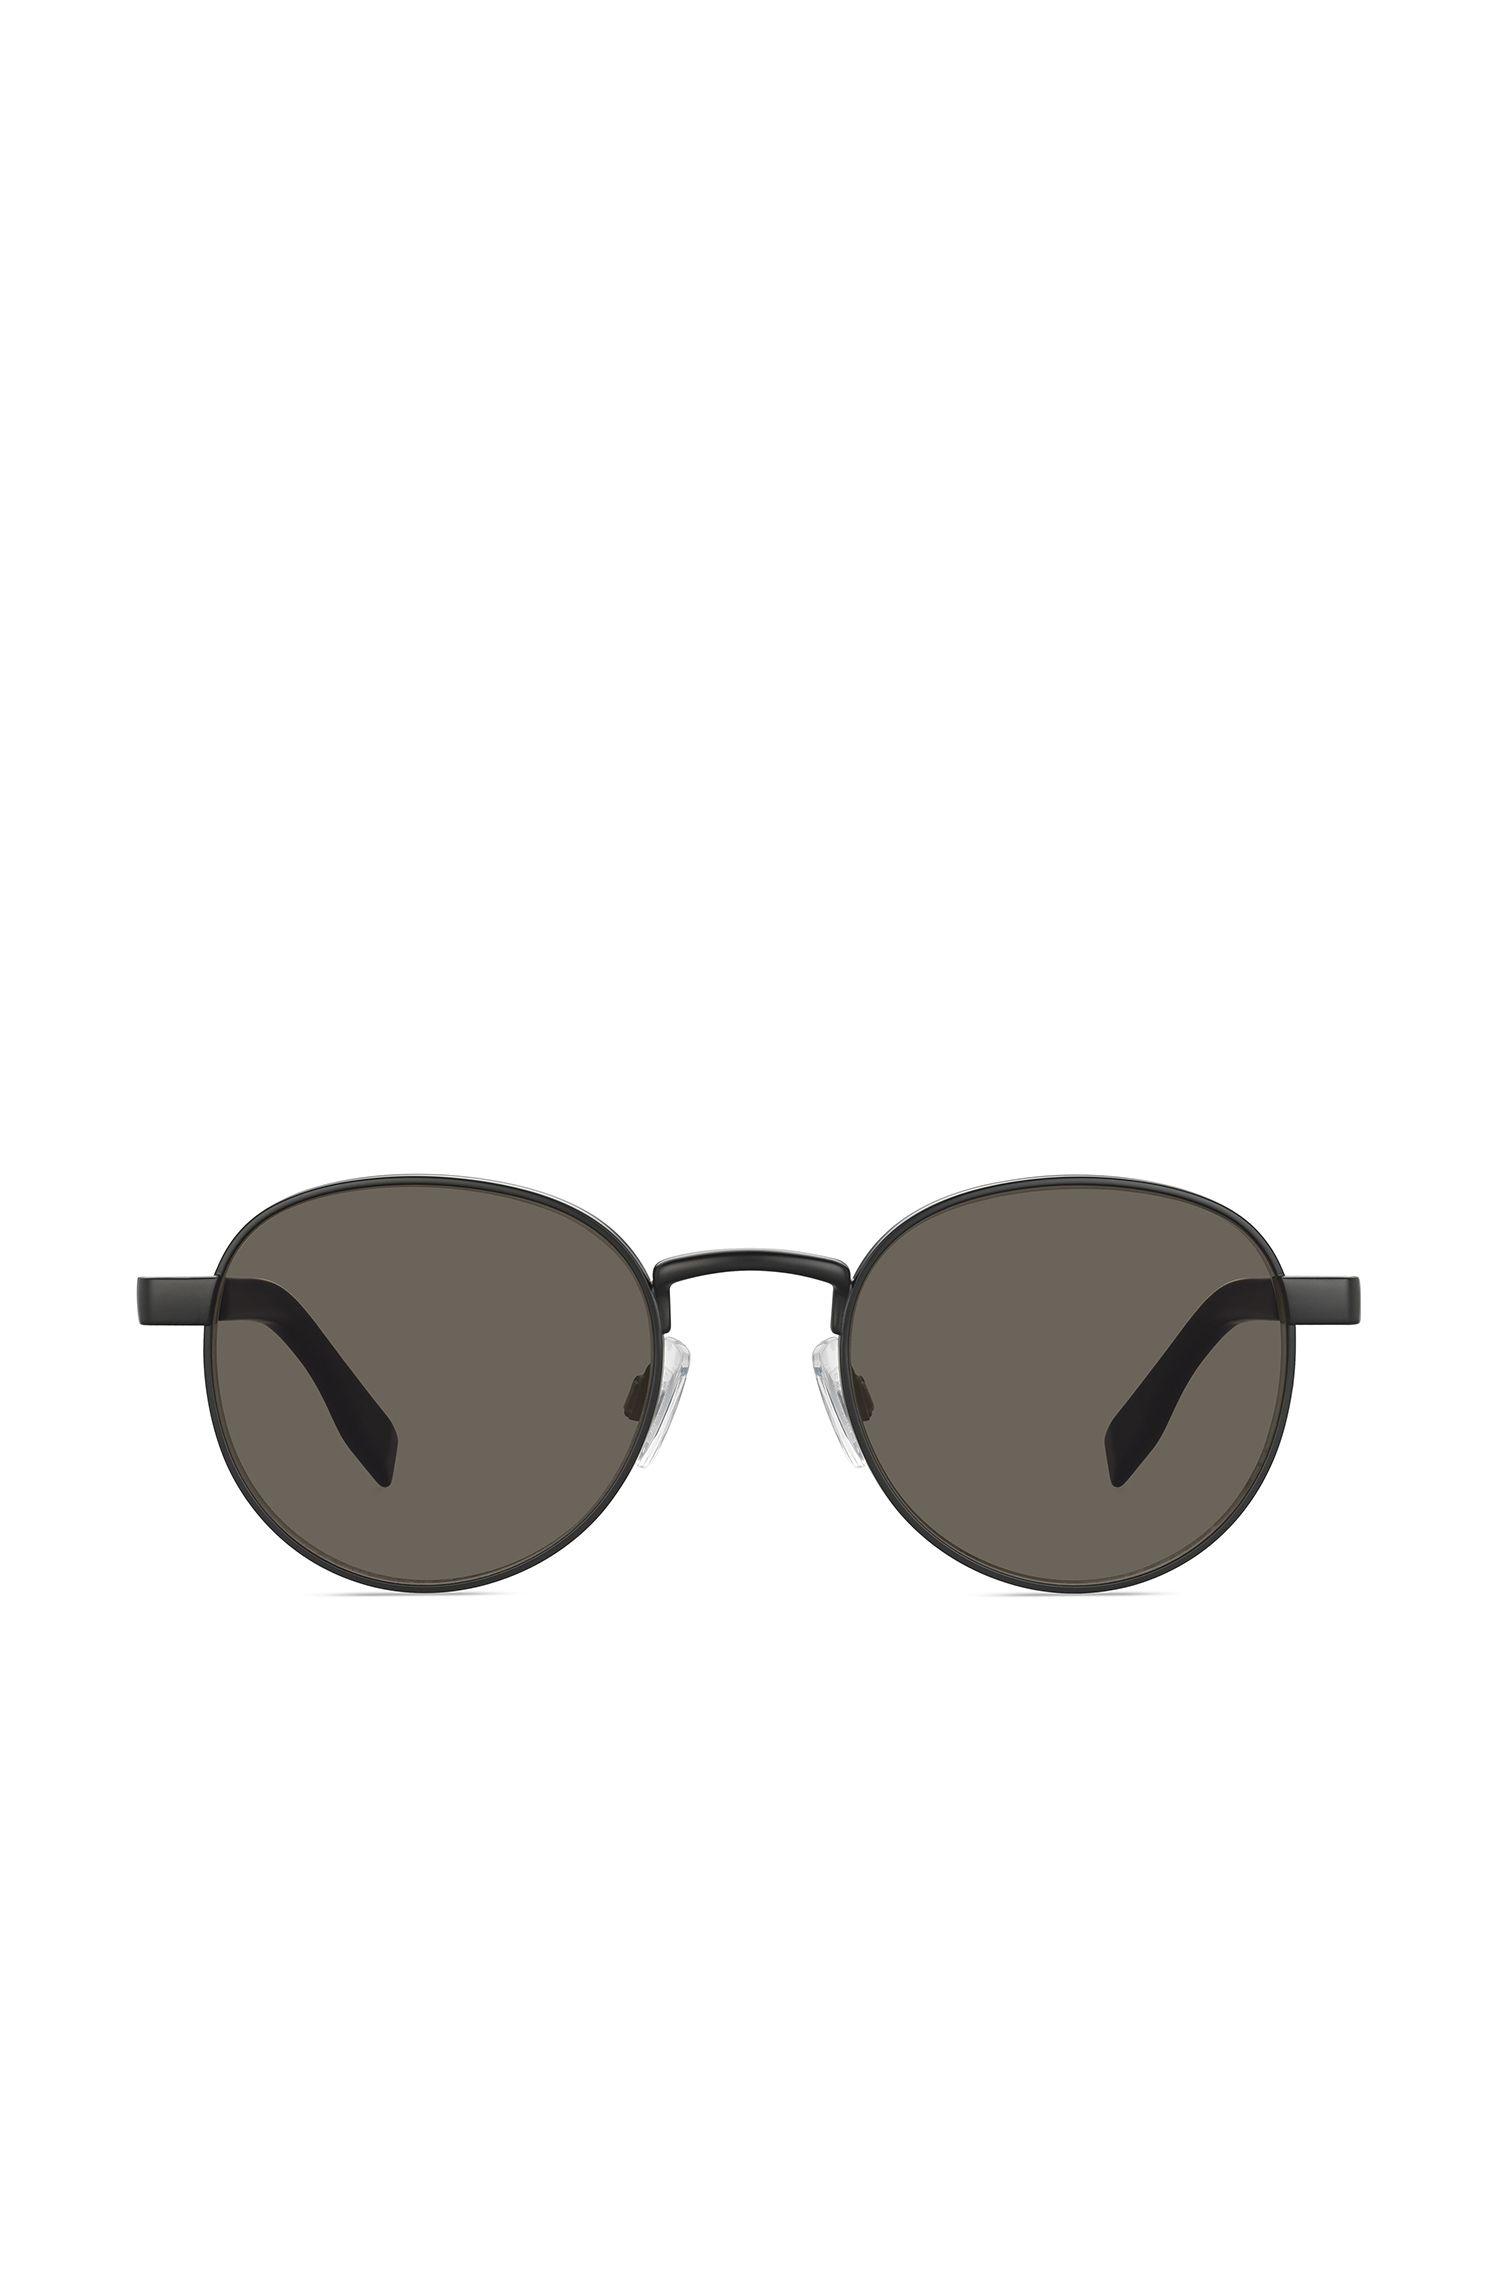 Sonnenbrille mit Metallfassung und gemusterten Bügeln: 'BO 0269/S'